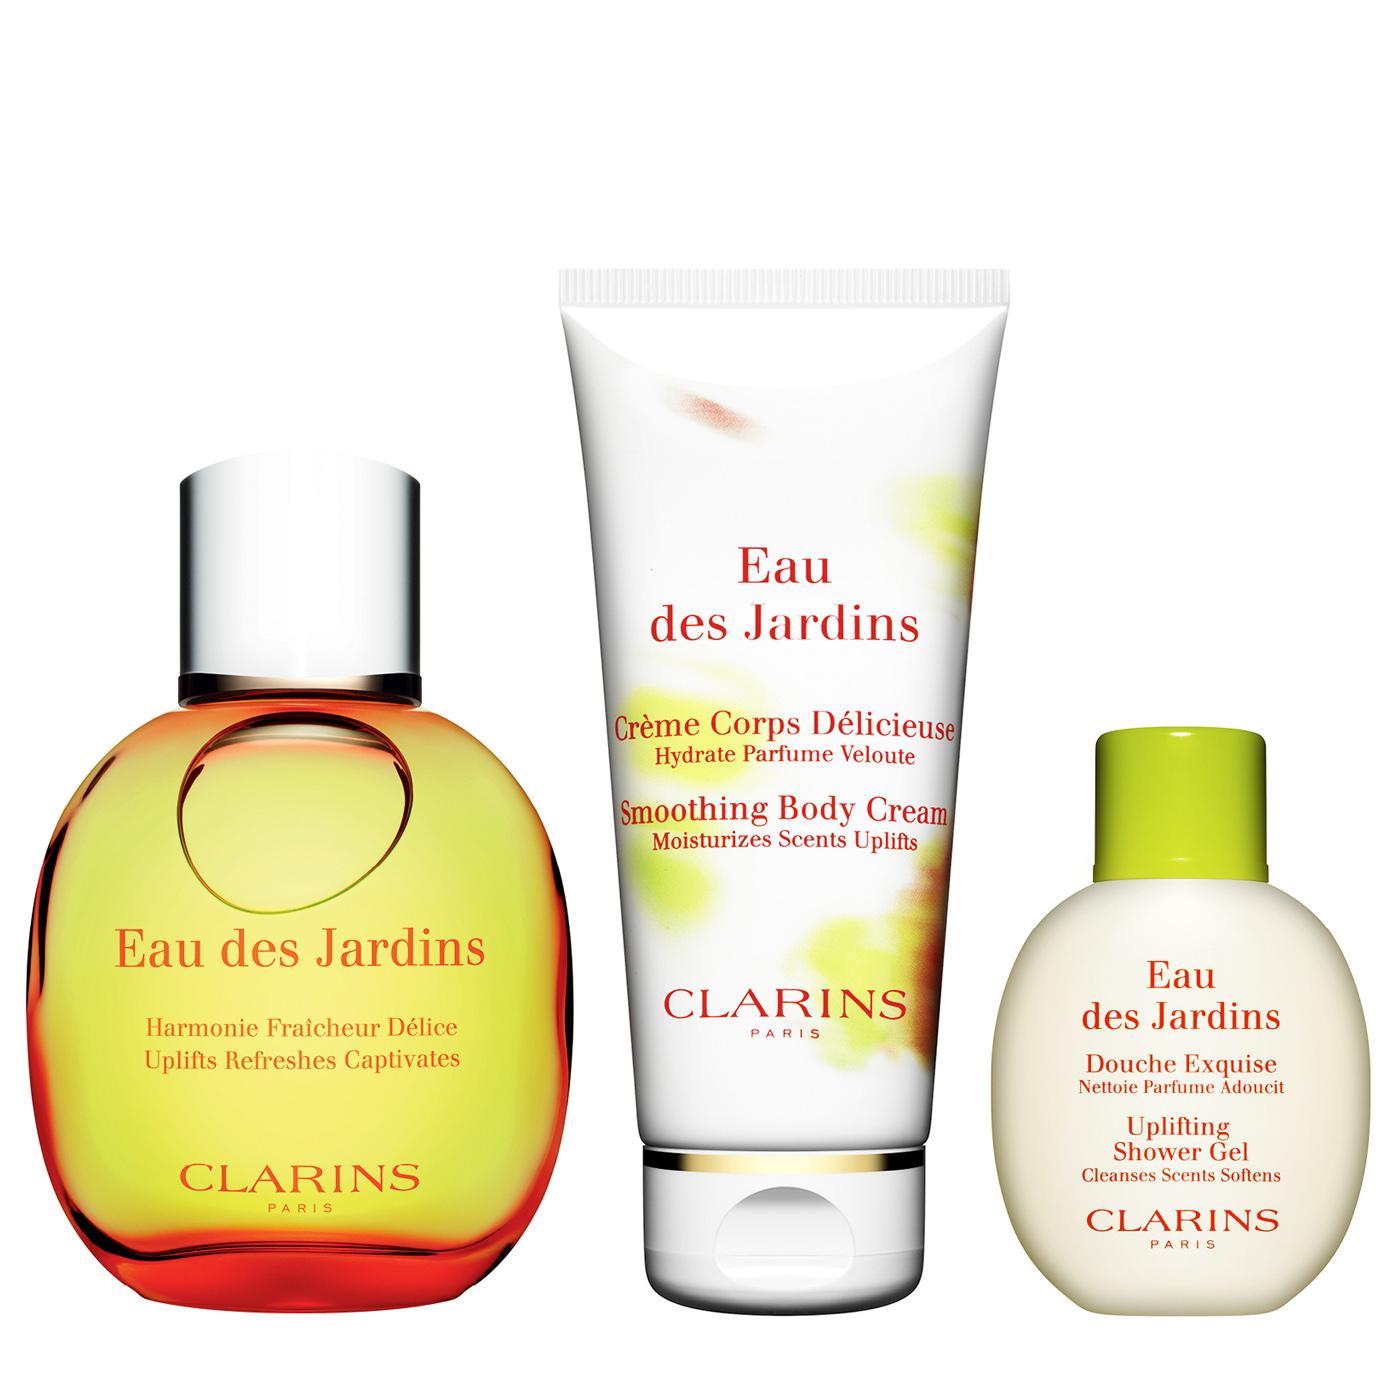 Coffret Eau Des Jardins Par Clarins | Clarins Skincare ... encequiconcerne Eau De Jardin Clarins